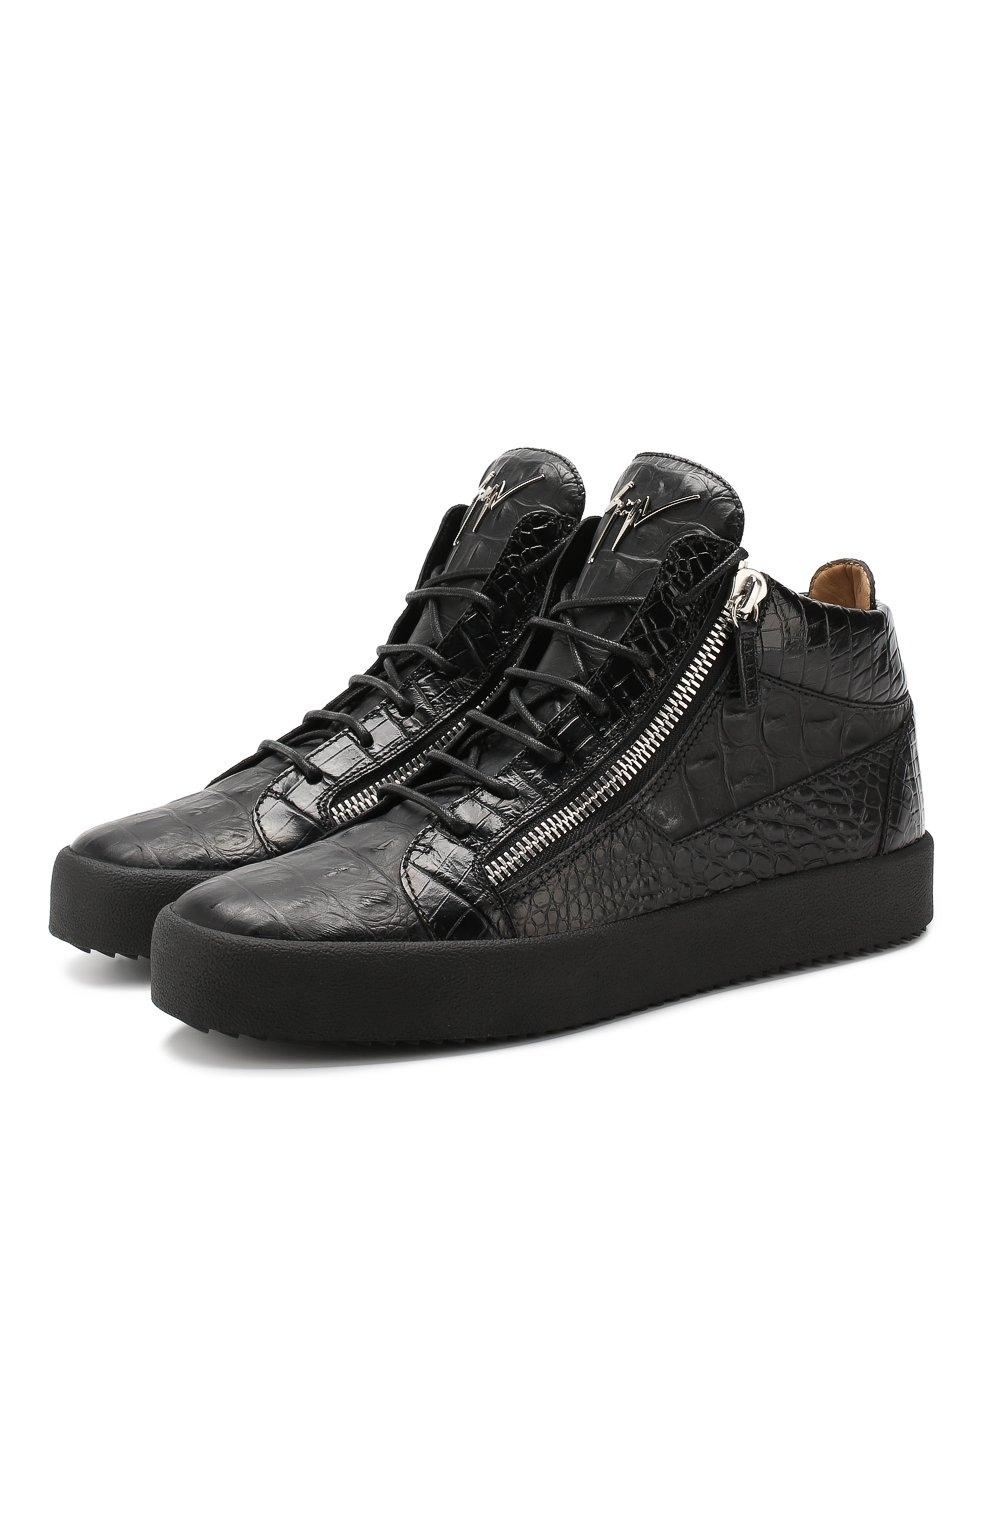 96d406d4 Мужская обувь Giuseppe Zanotti Design по цене от 22 150 руб. купить в  интернет-магазине ЦУМ